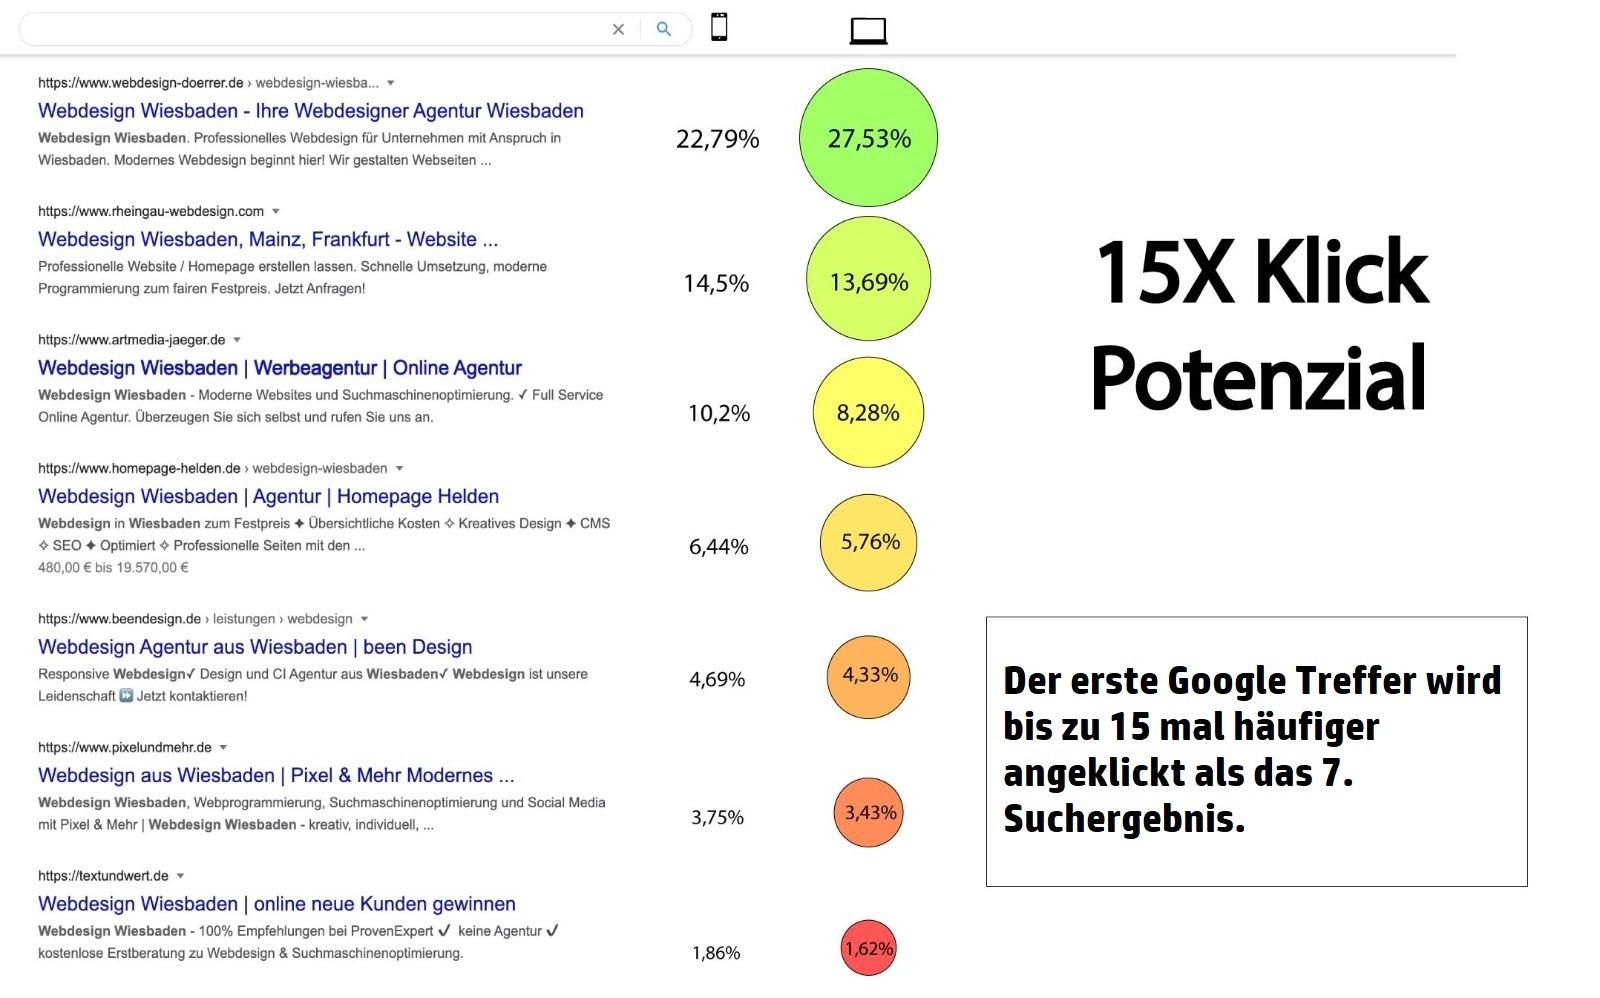 Suchmaschinenoptimierung, SEO, Google, DuckDuckGo, Bing, Webdesign, 10 wichtige tipps, Mehr Kunden gewinnen